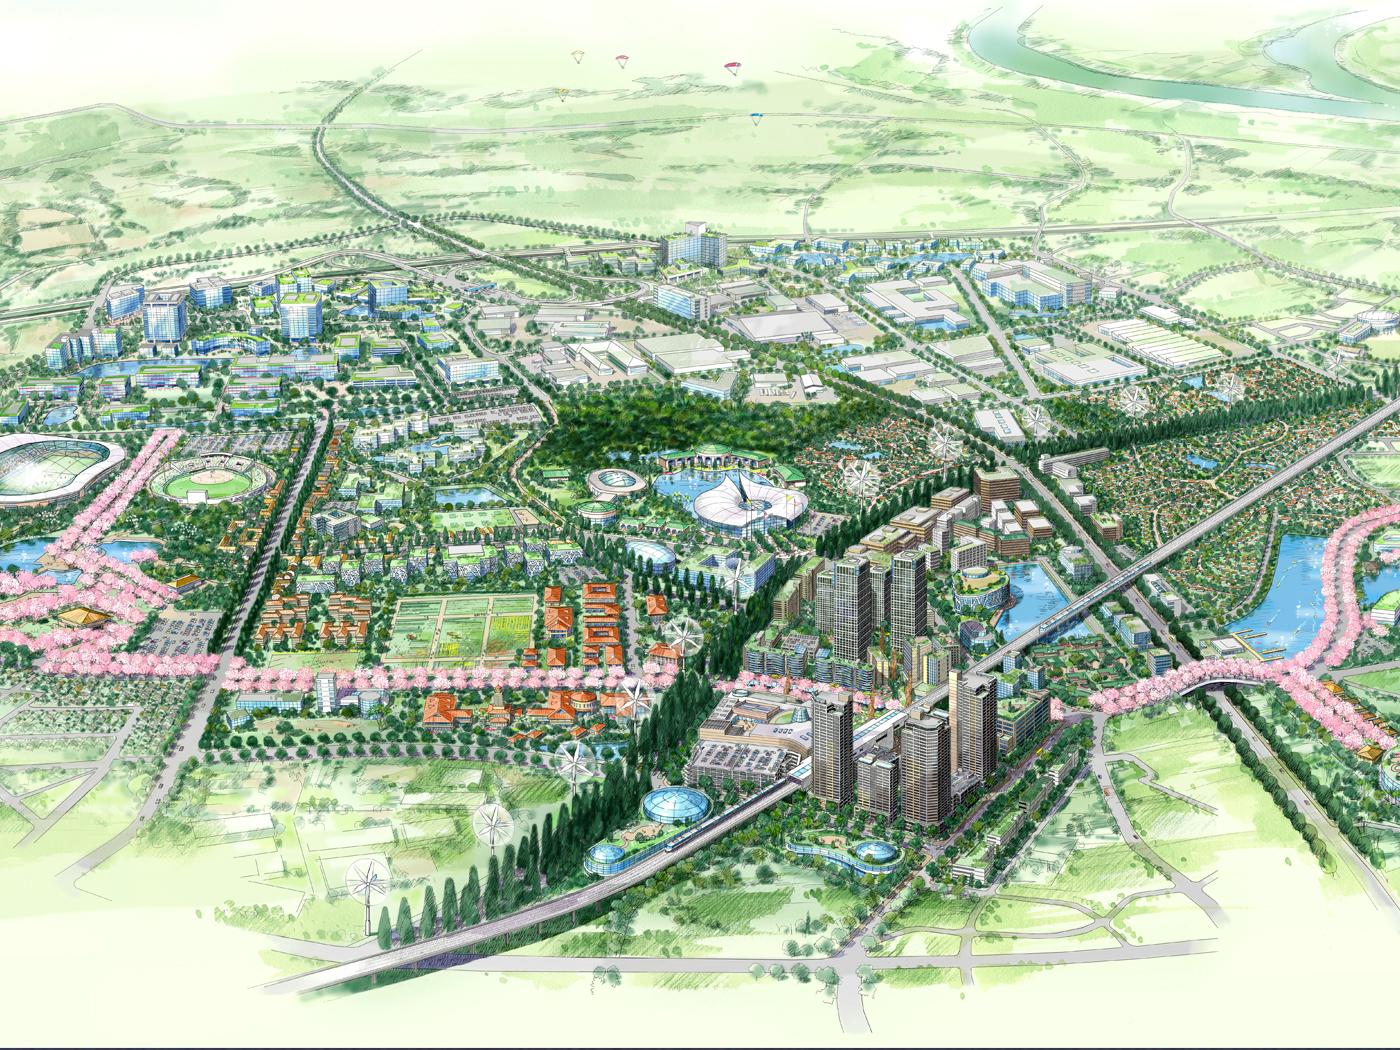 柏の葉キャンパスシティプロジェクト